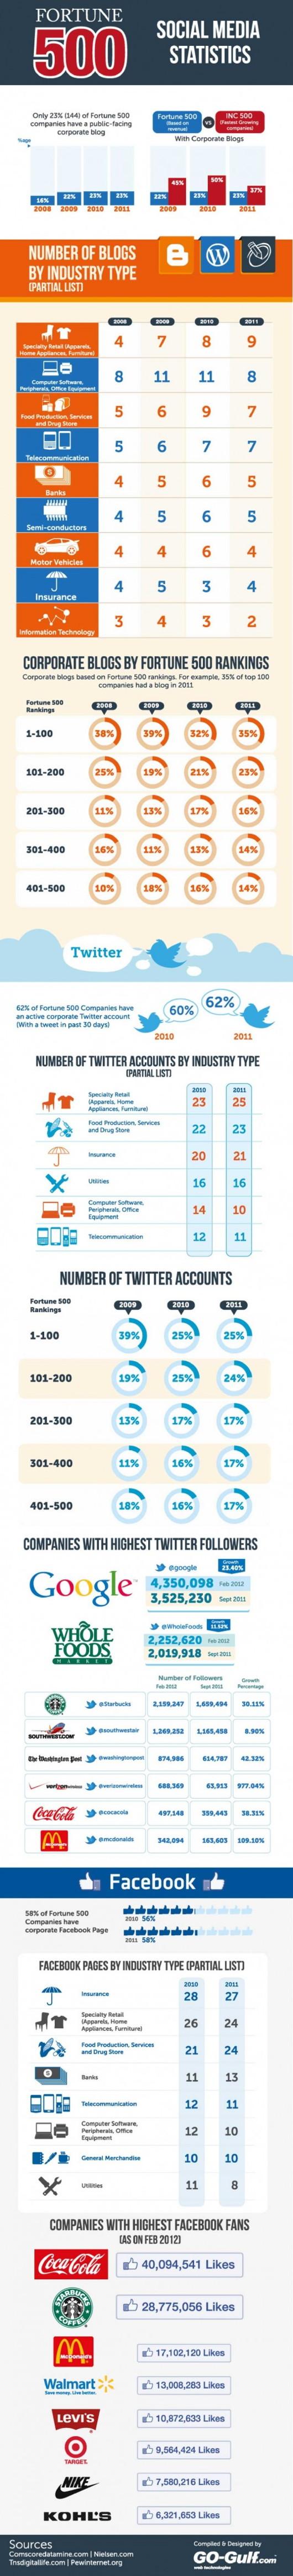 포츈500대 기업의 소셜미디어 활용.